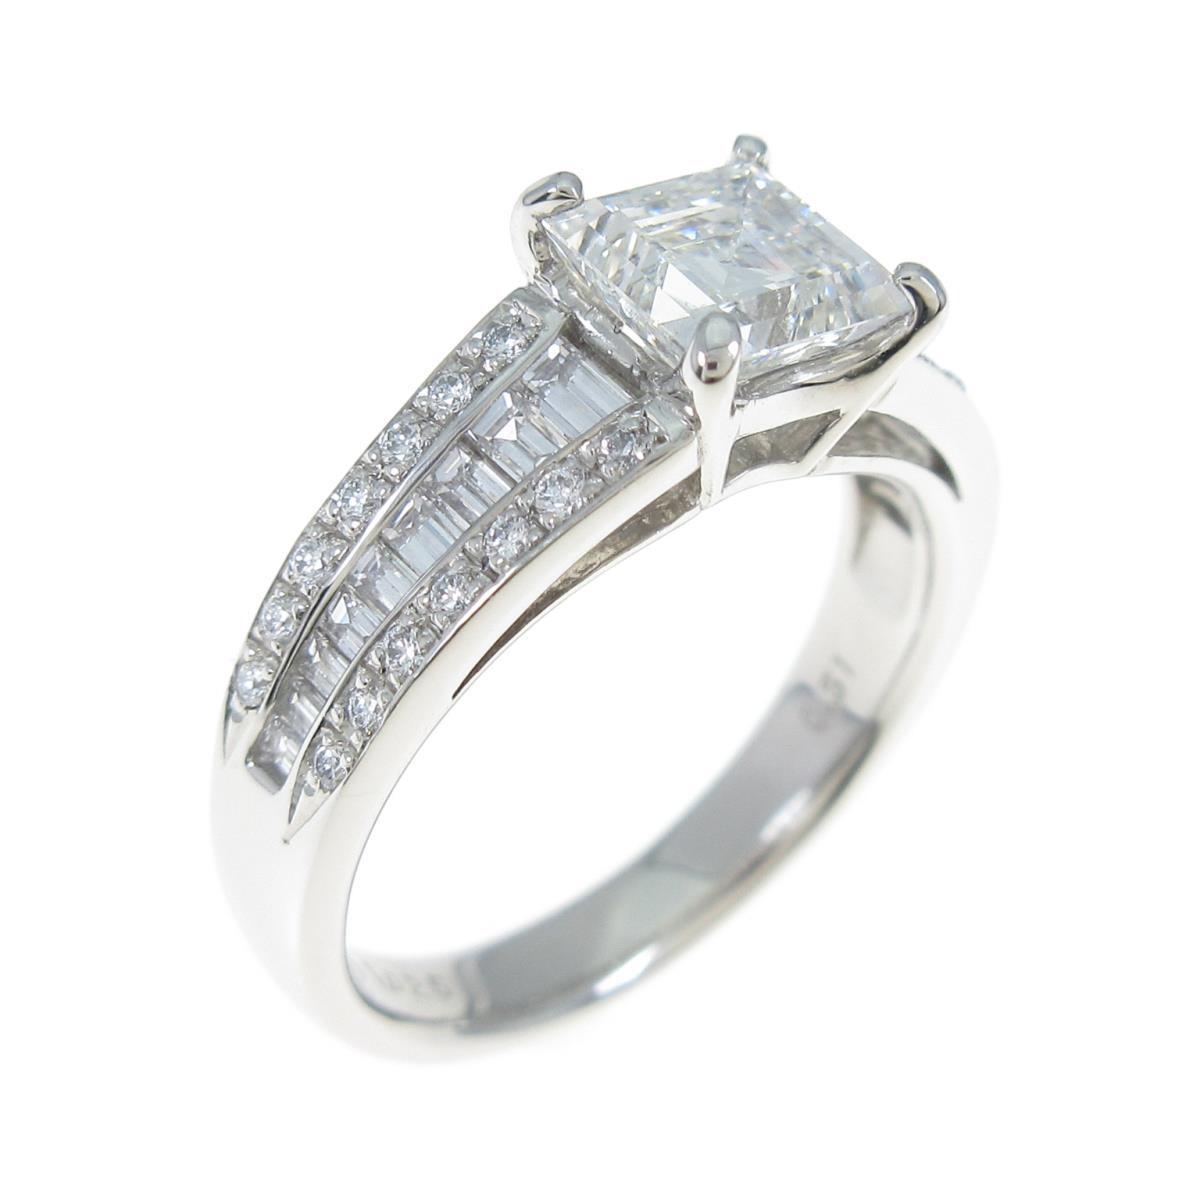 【リメイク】プラチナダイヤモンドリング 1.025ct・H・SI1・ファンシーカット【中古】